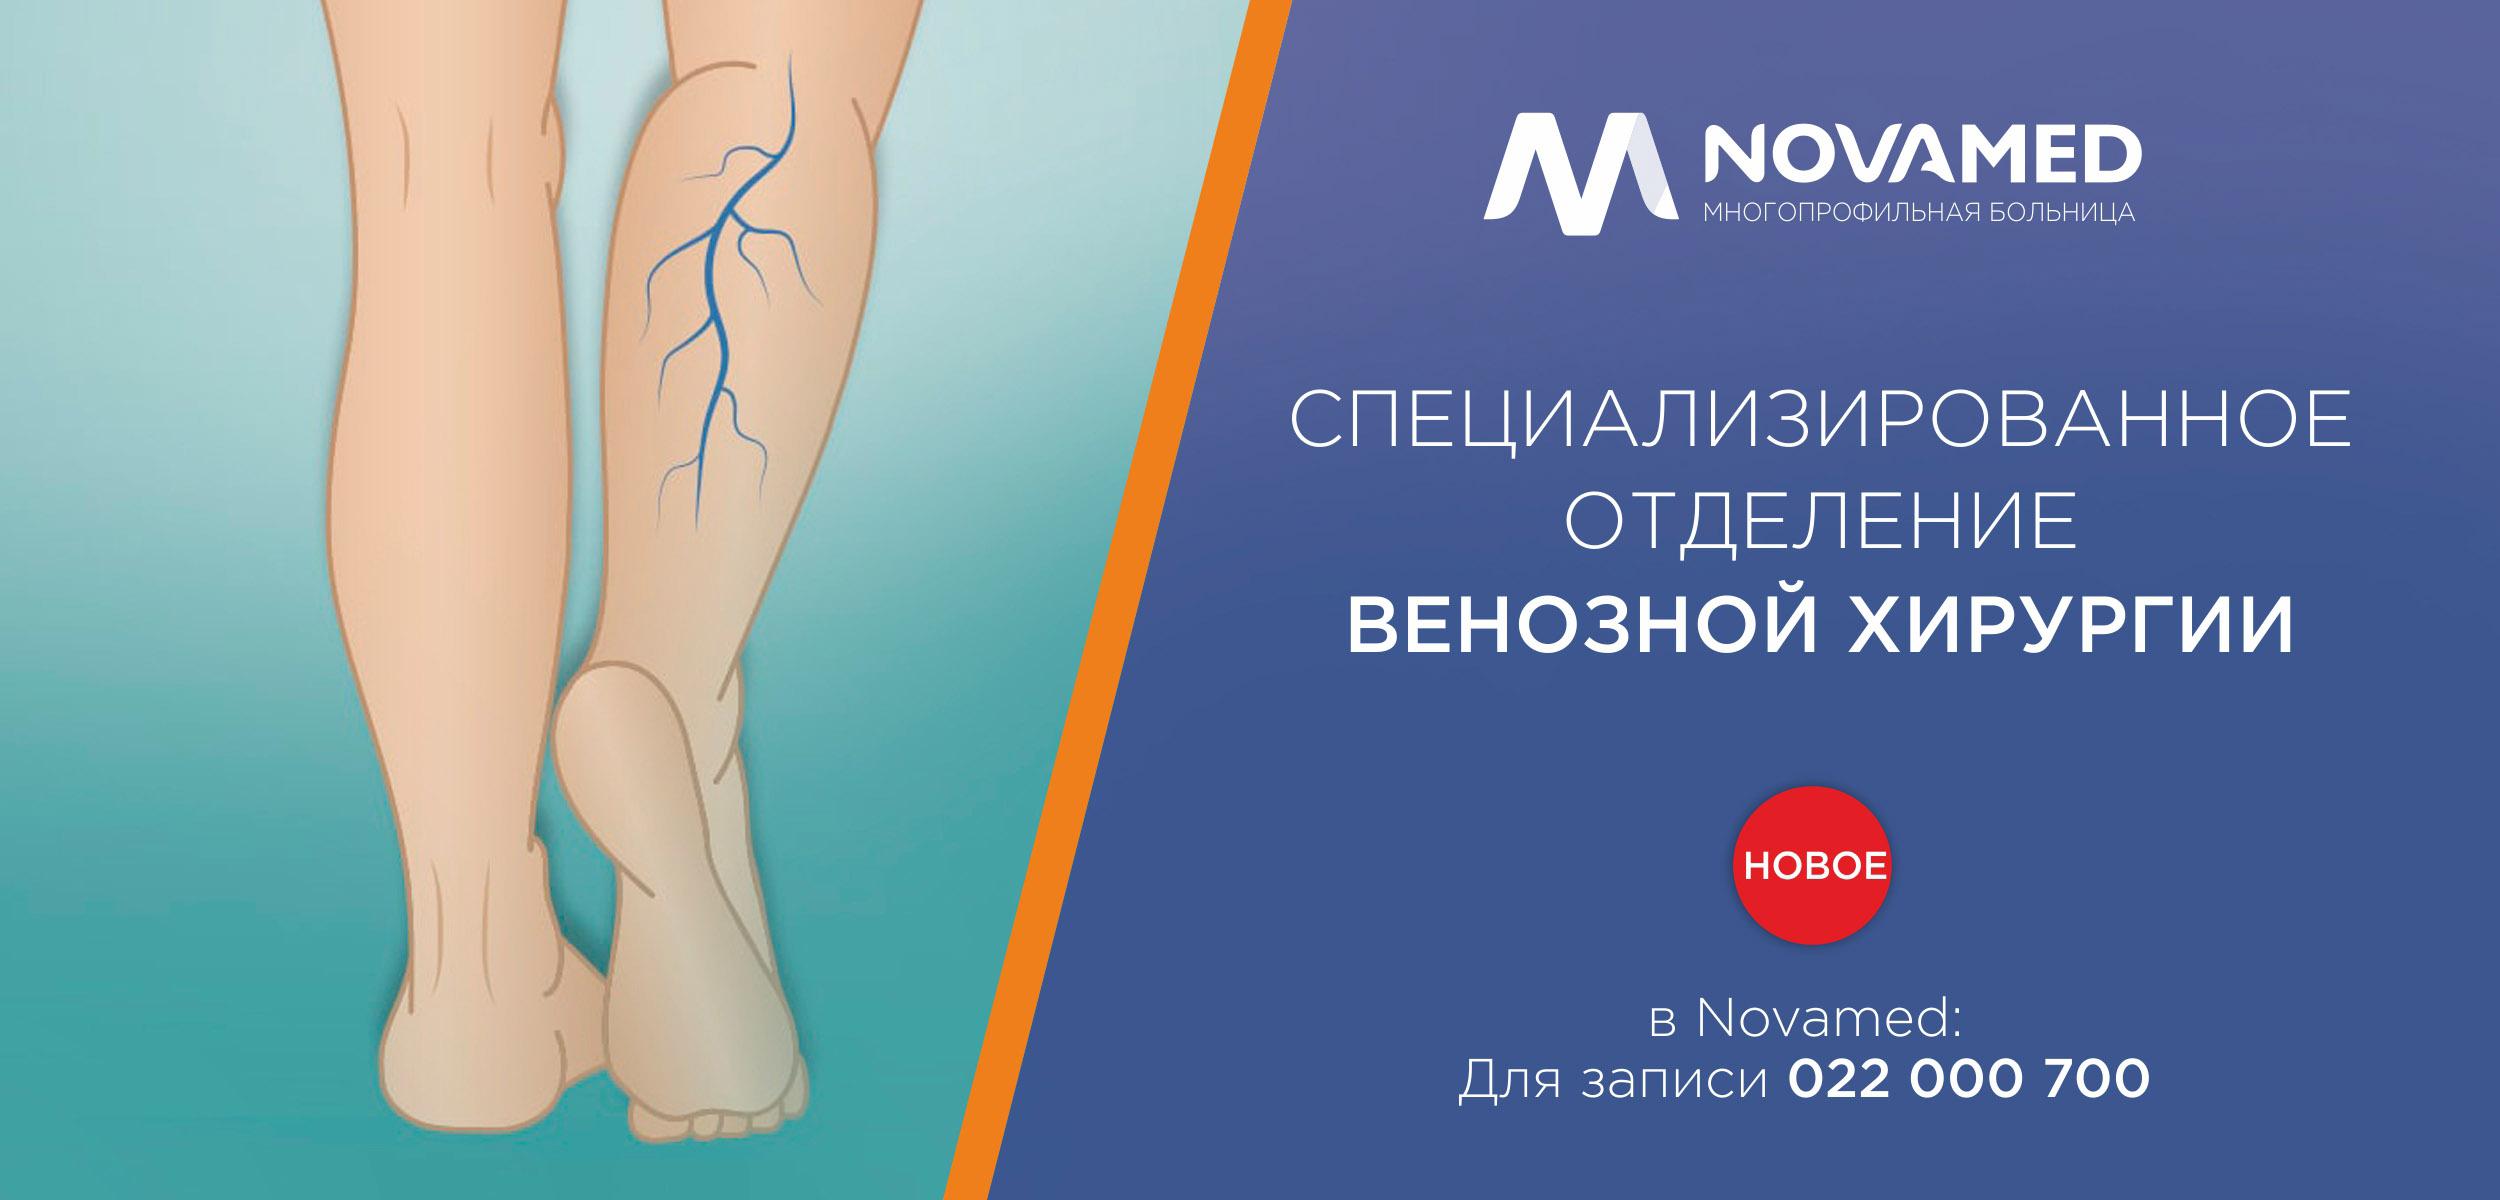 Novamed: отделение венозной хирургии